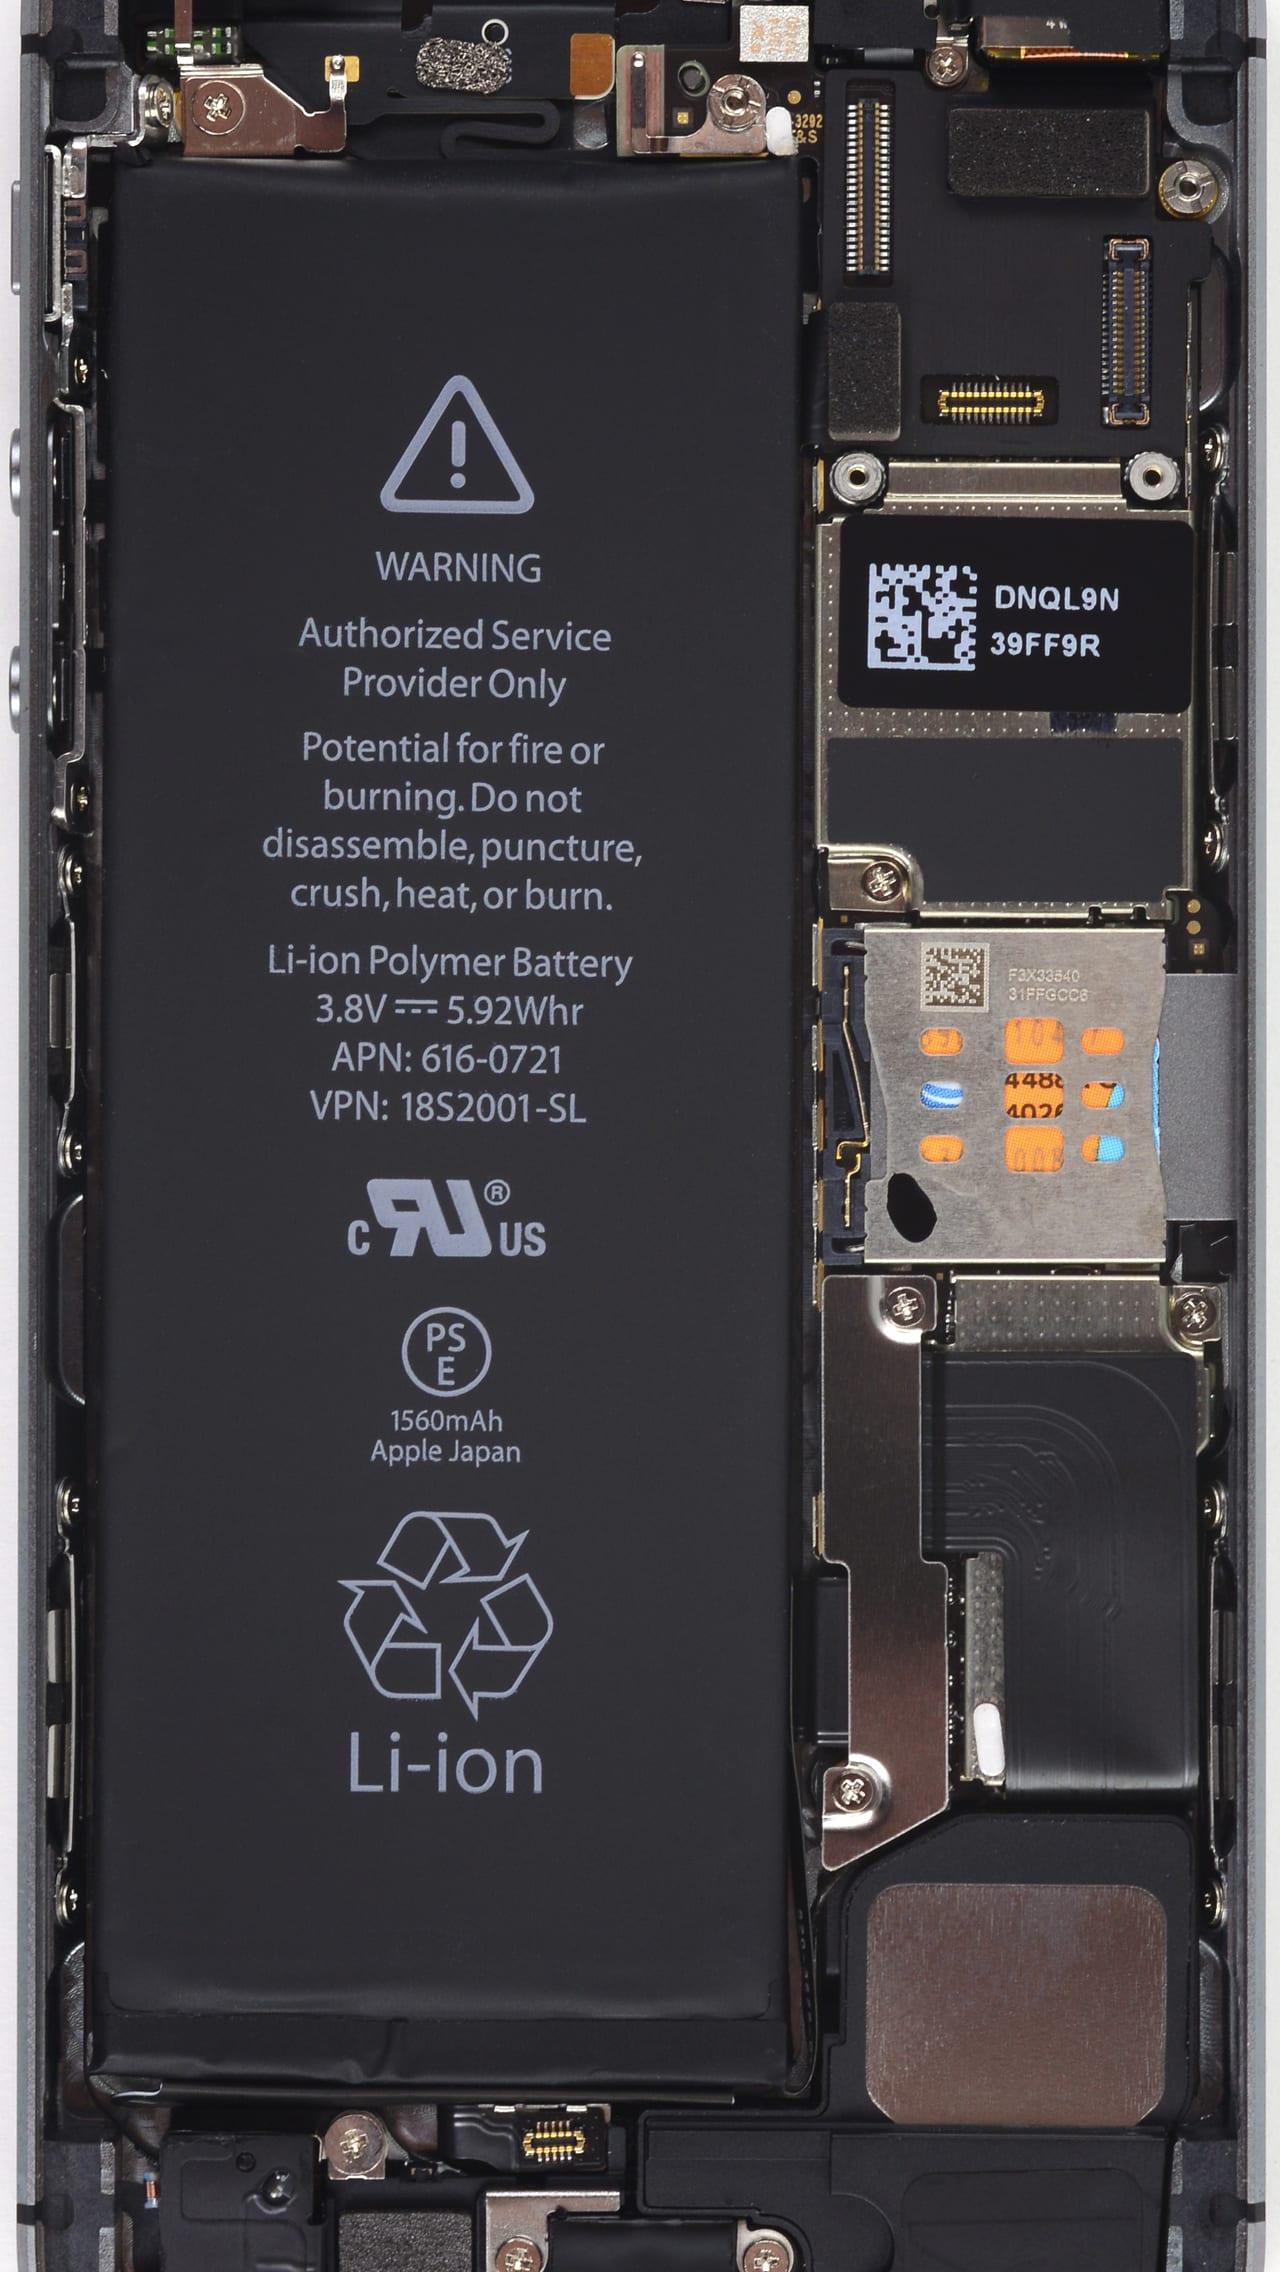 Cambia El Fondo De Tu Iphone 7 Para Ver El Hardware Interior